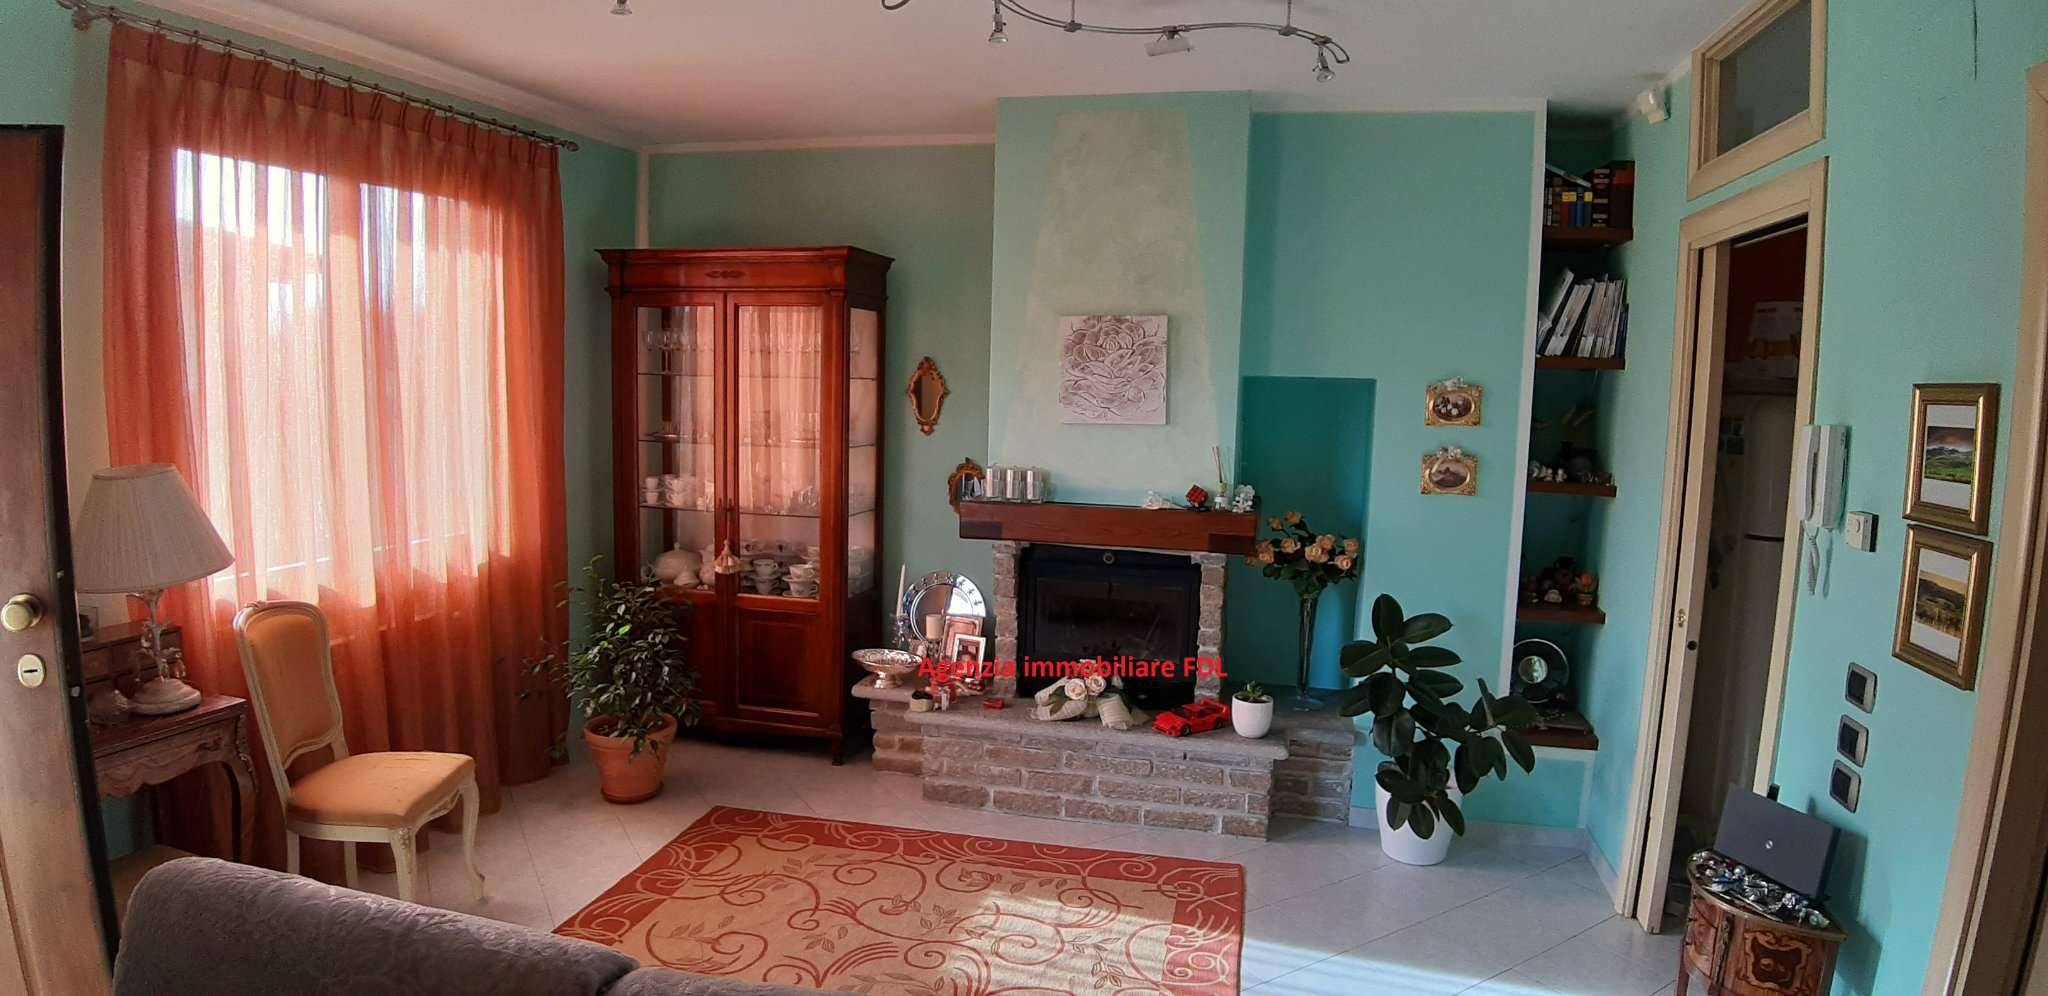 Appartamento in vendita a Montopoli in Val d'Arno, 4 locali, prezzo € 170.000 | CambioCasa.it